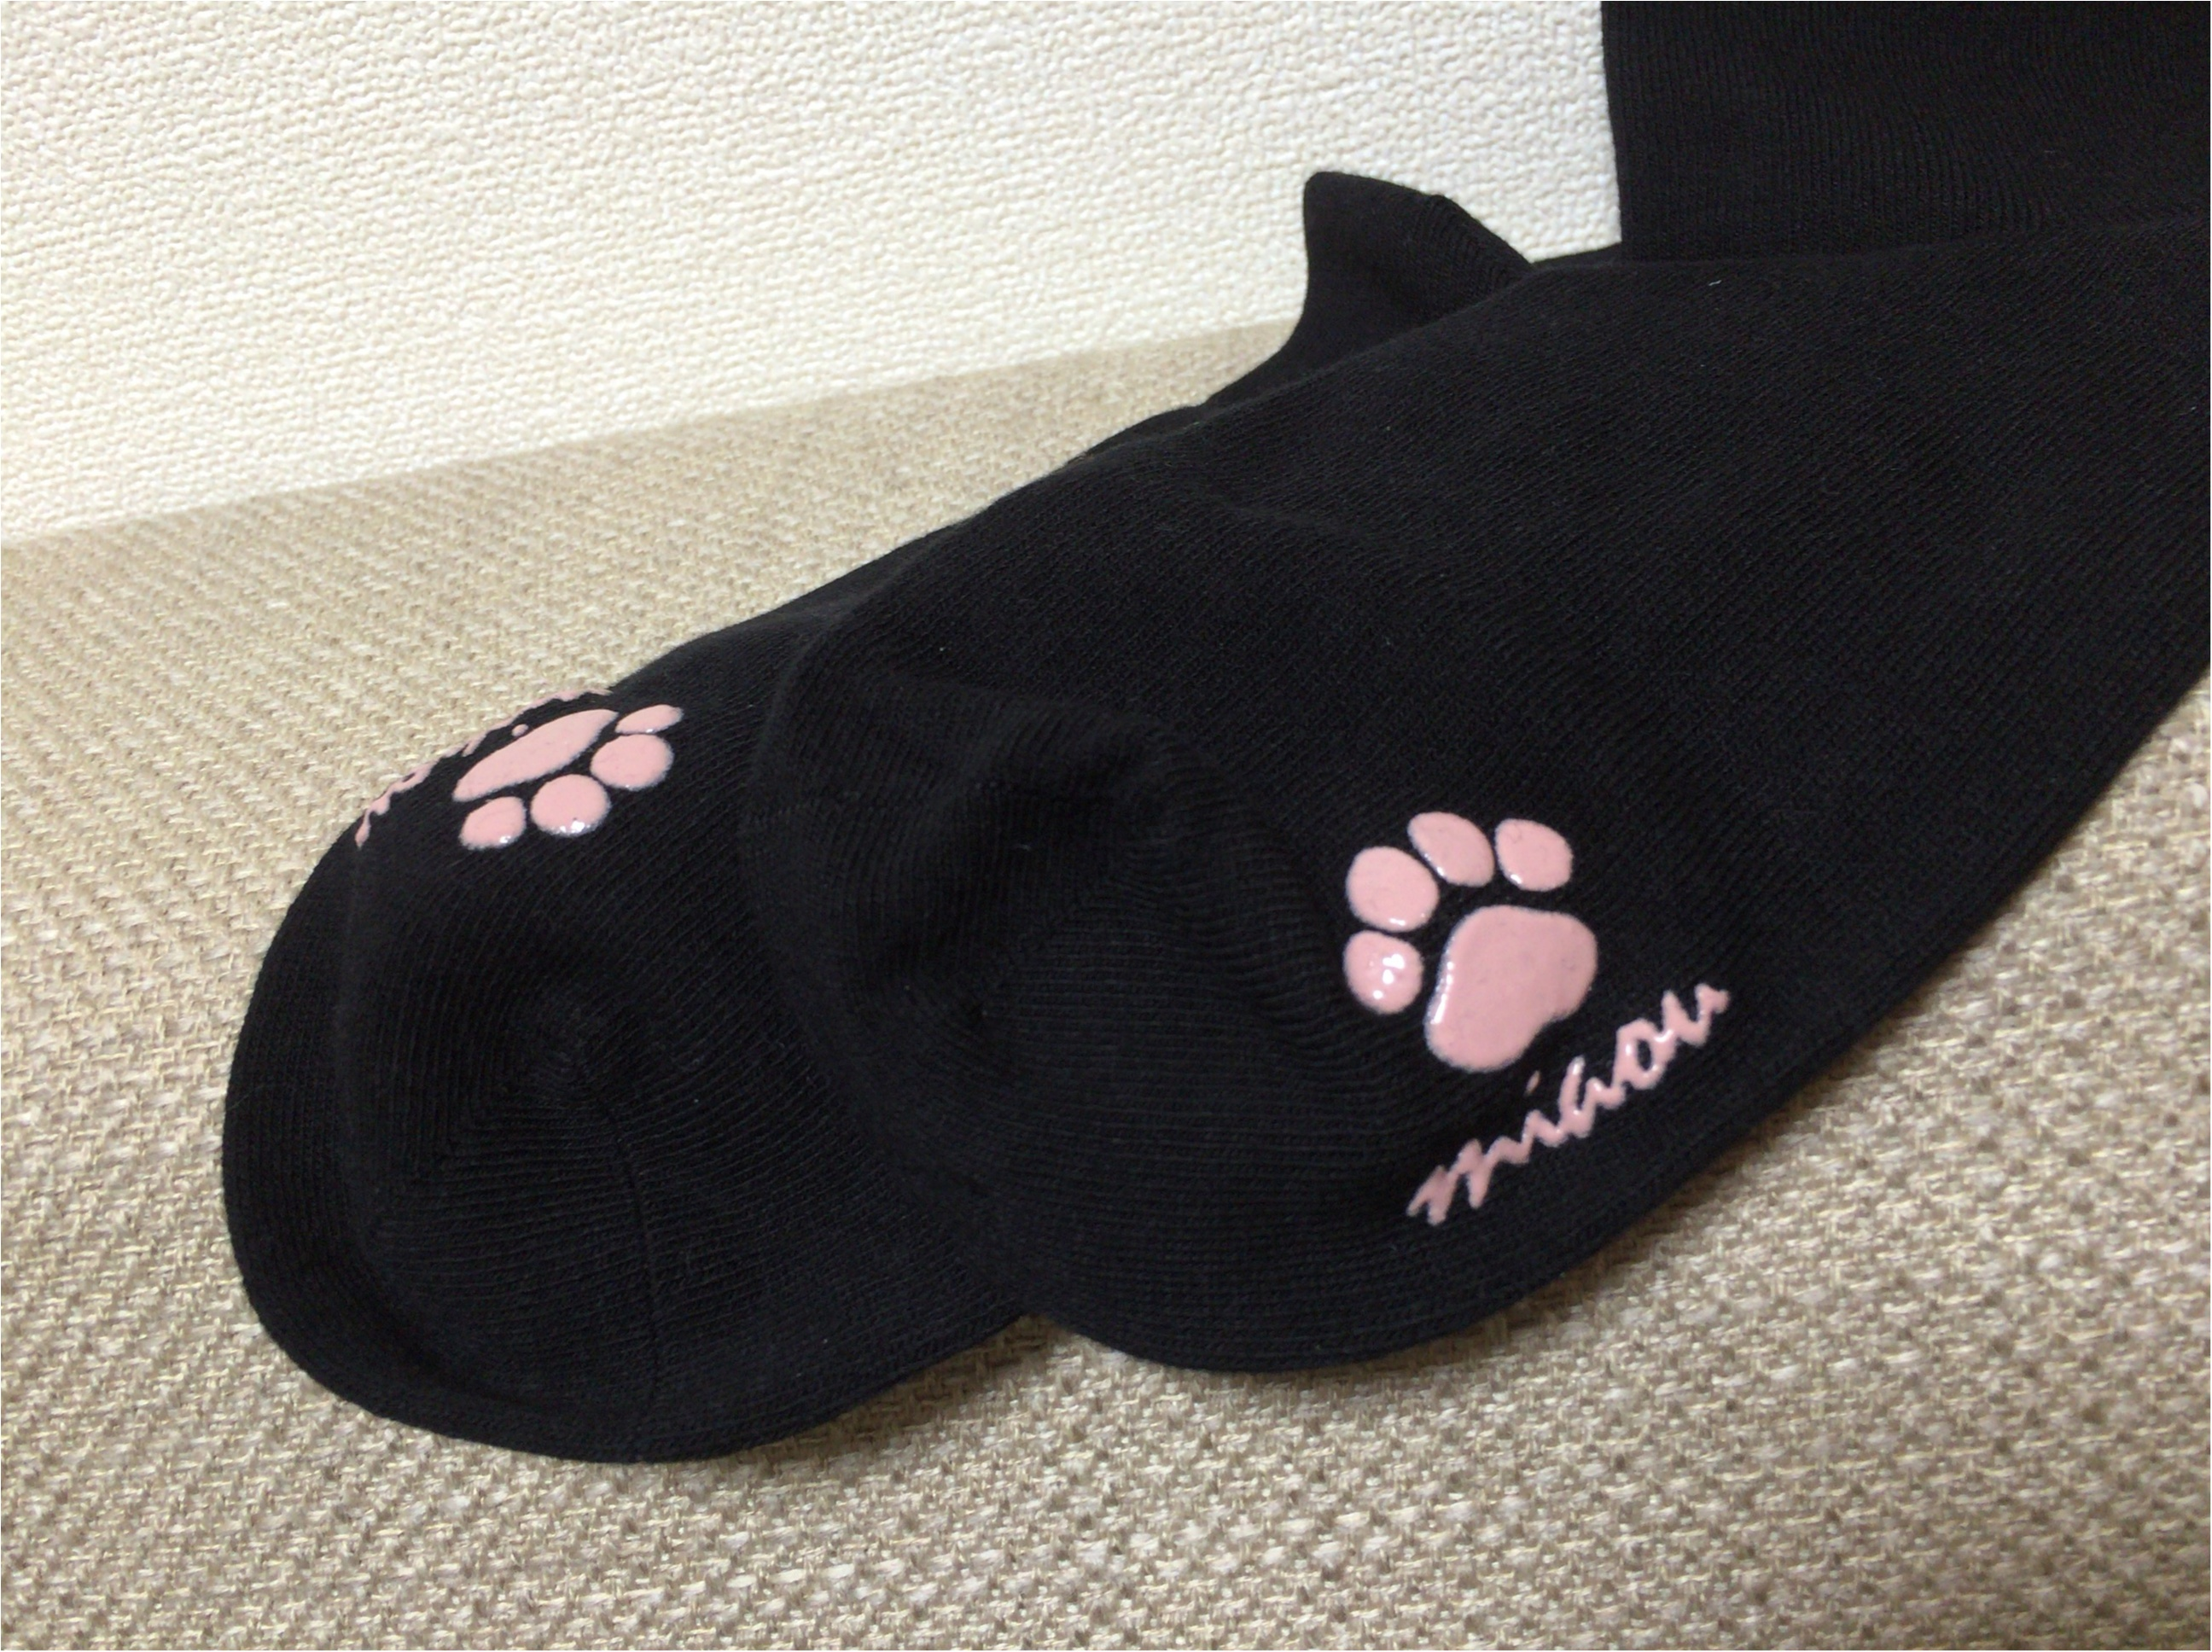 【小物SALE】だって逃せないっ!肉球滑り止めが可愛い《猫ソックス》など靴下を安くGETせよ!♡_1